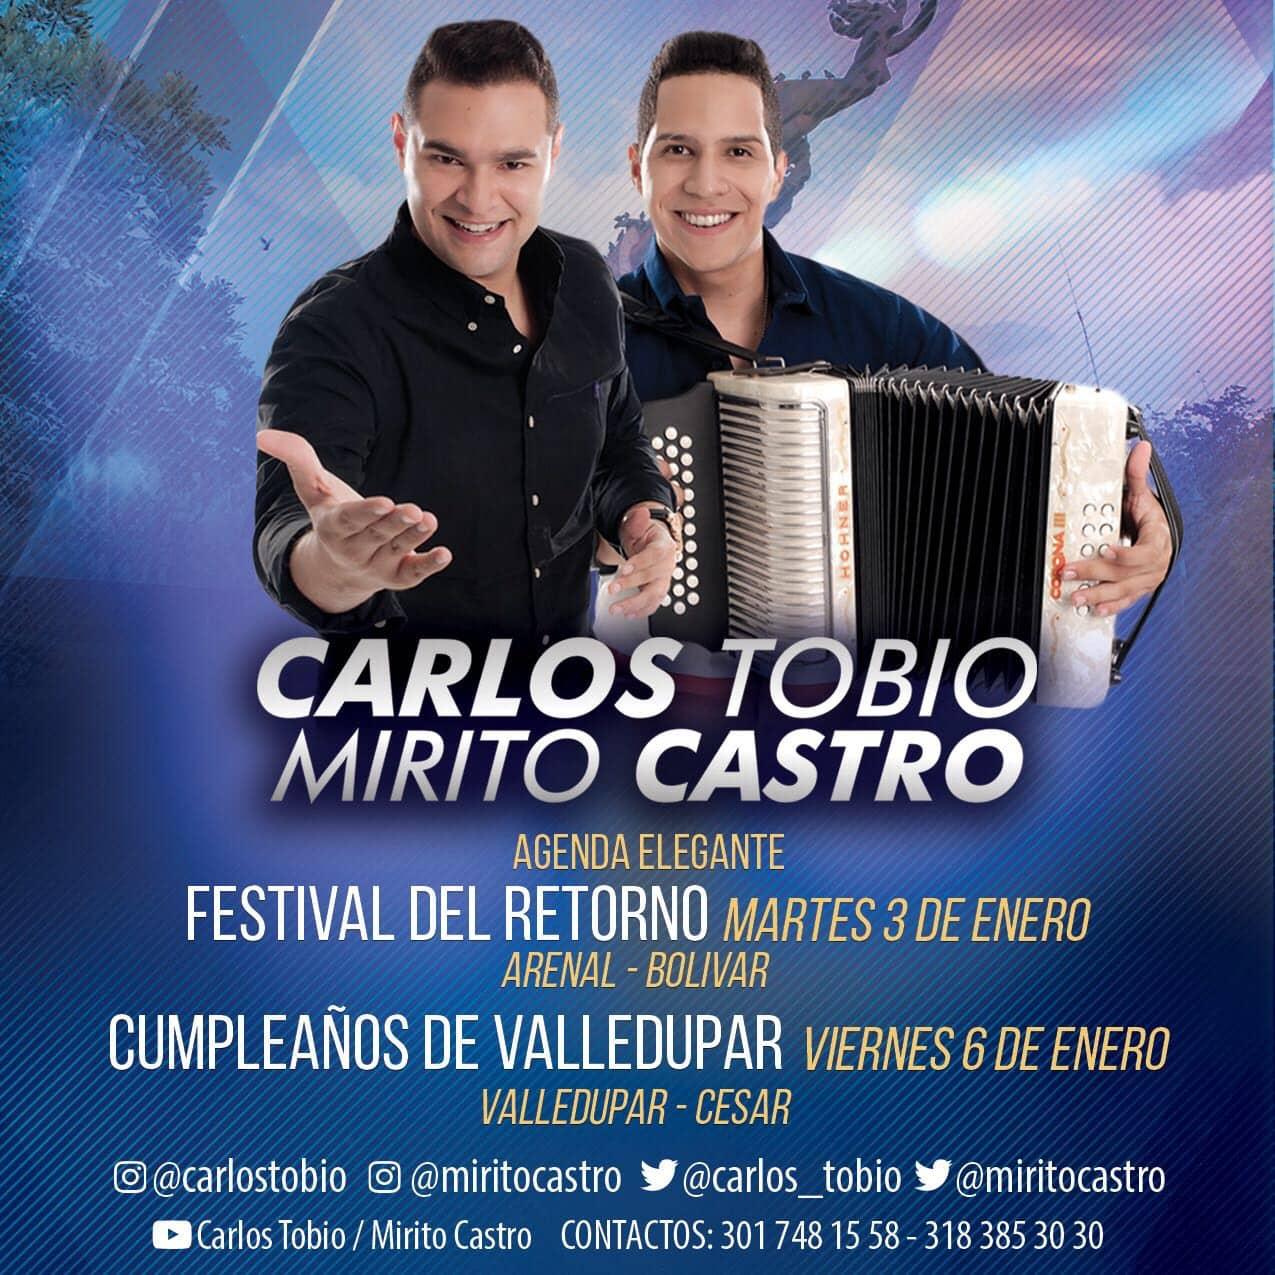 Carlos Tobio & Mirito Castro Inician el nuevo año con pie derecho